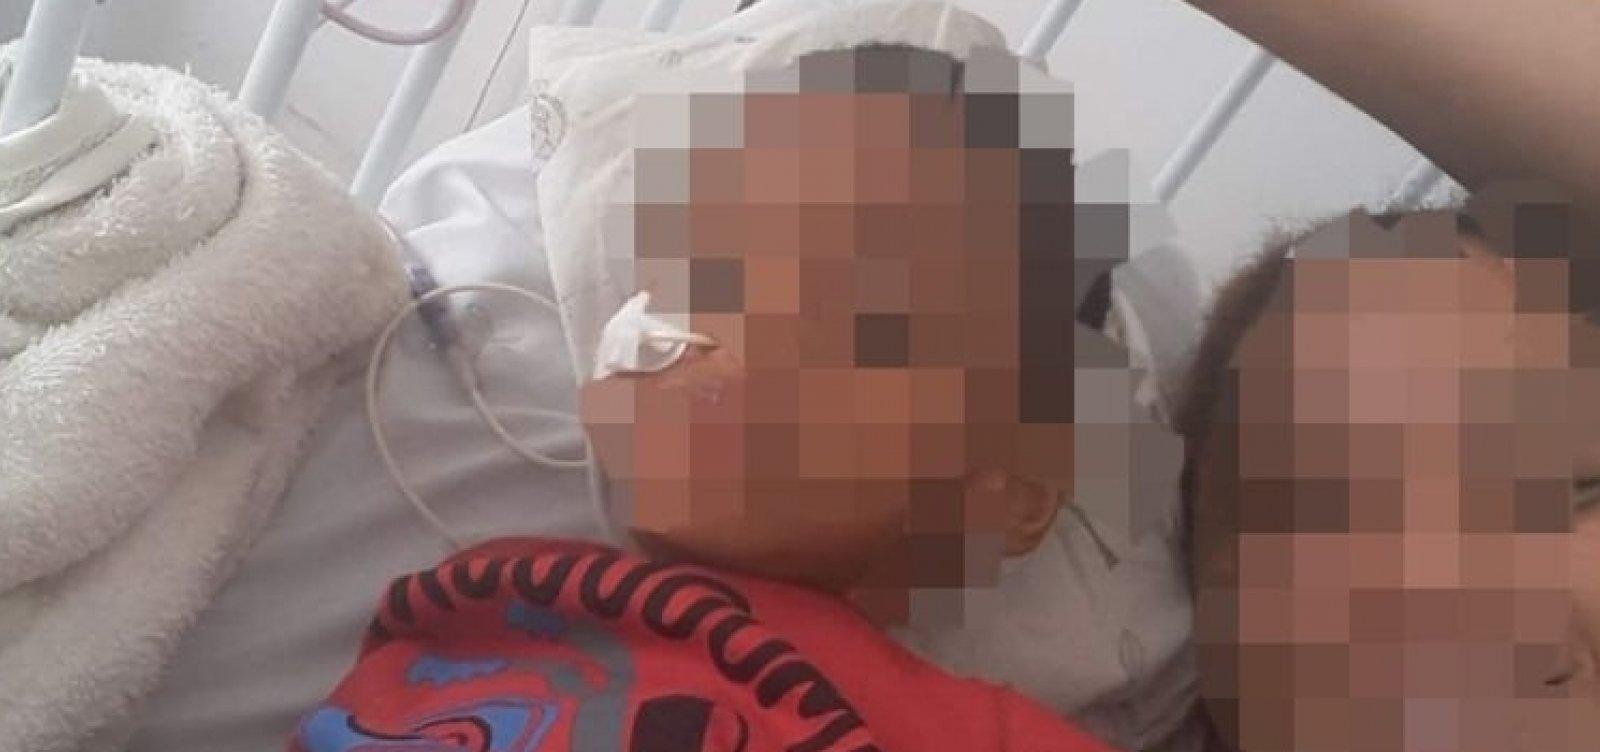 Mãe está revoltada com decisão judicial que negou benefício para filho com deficiência